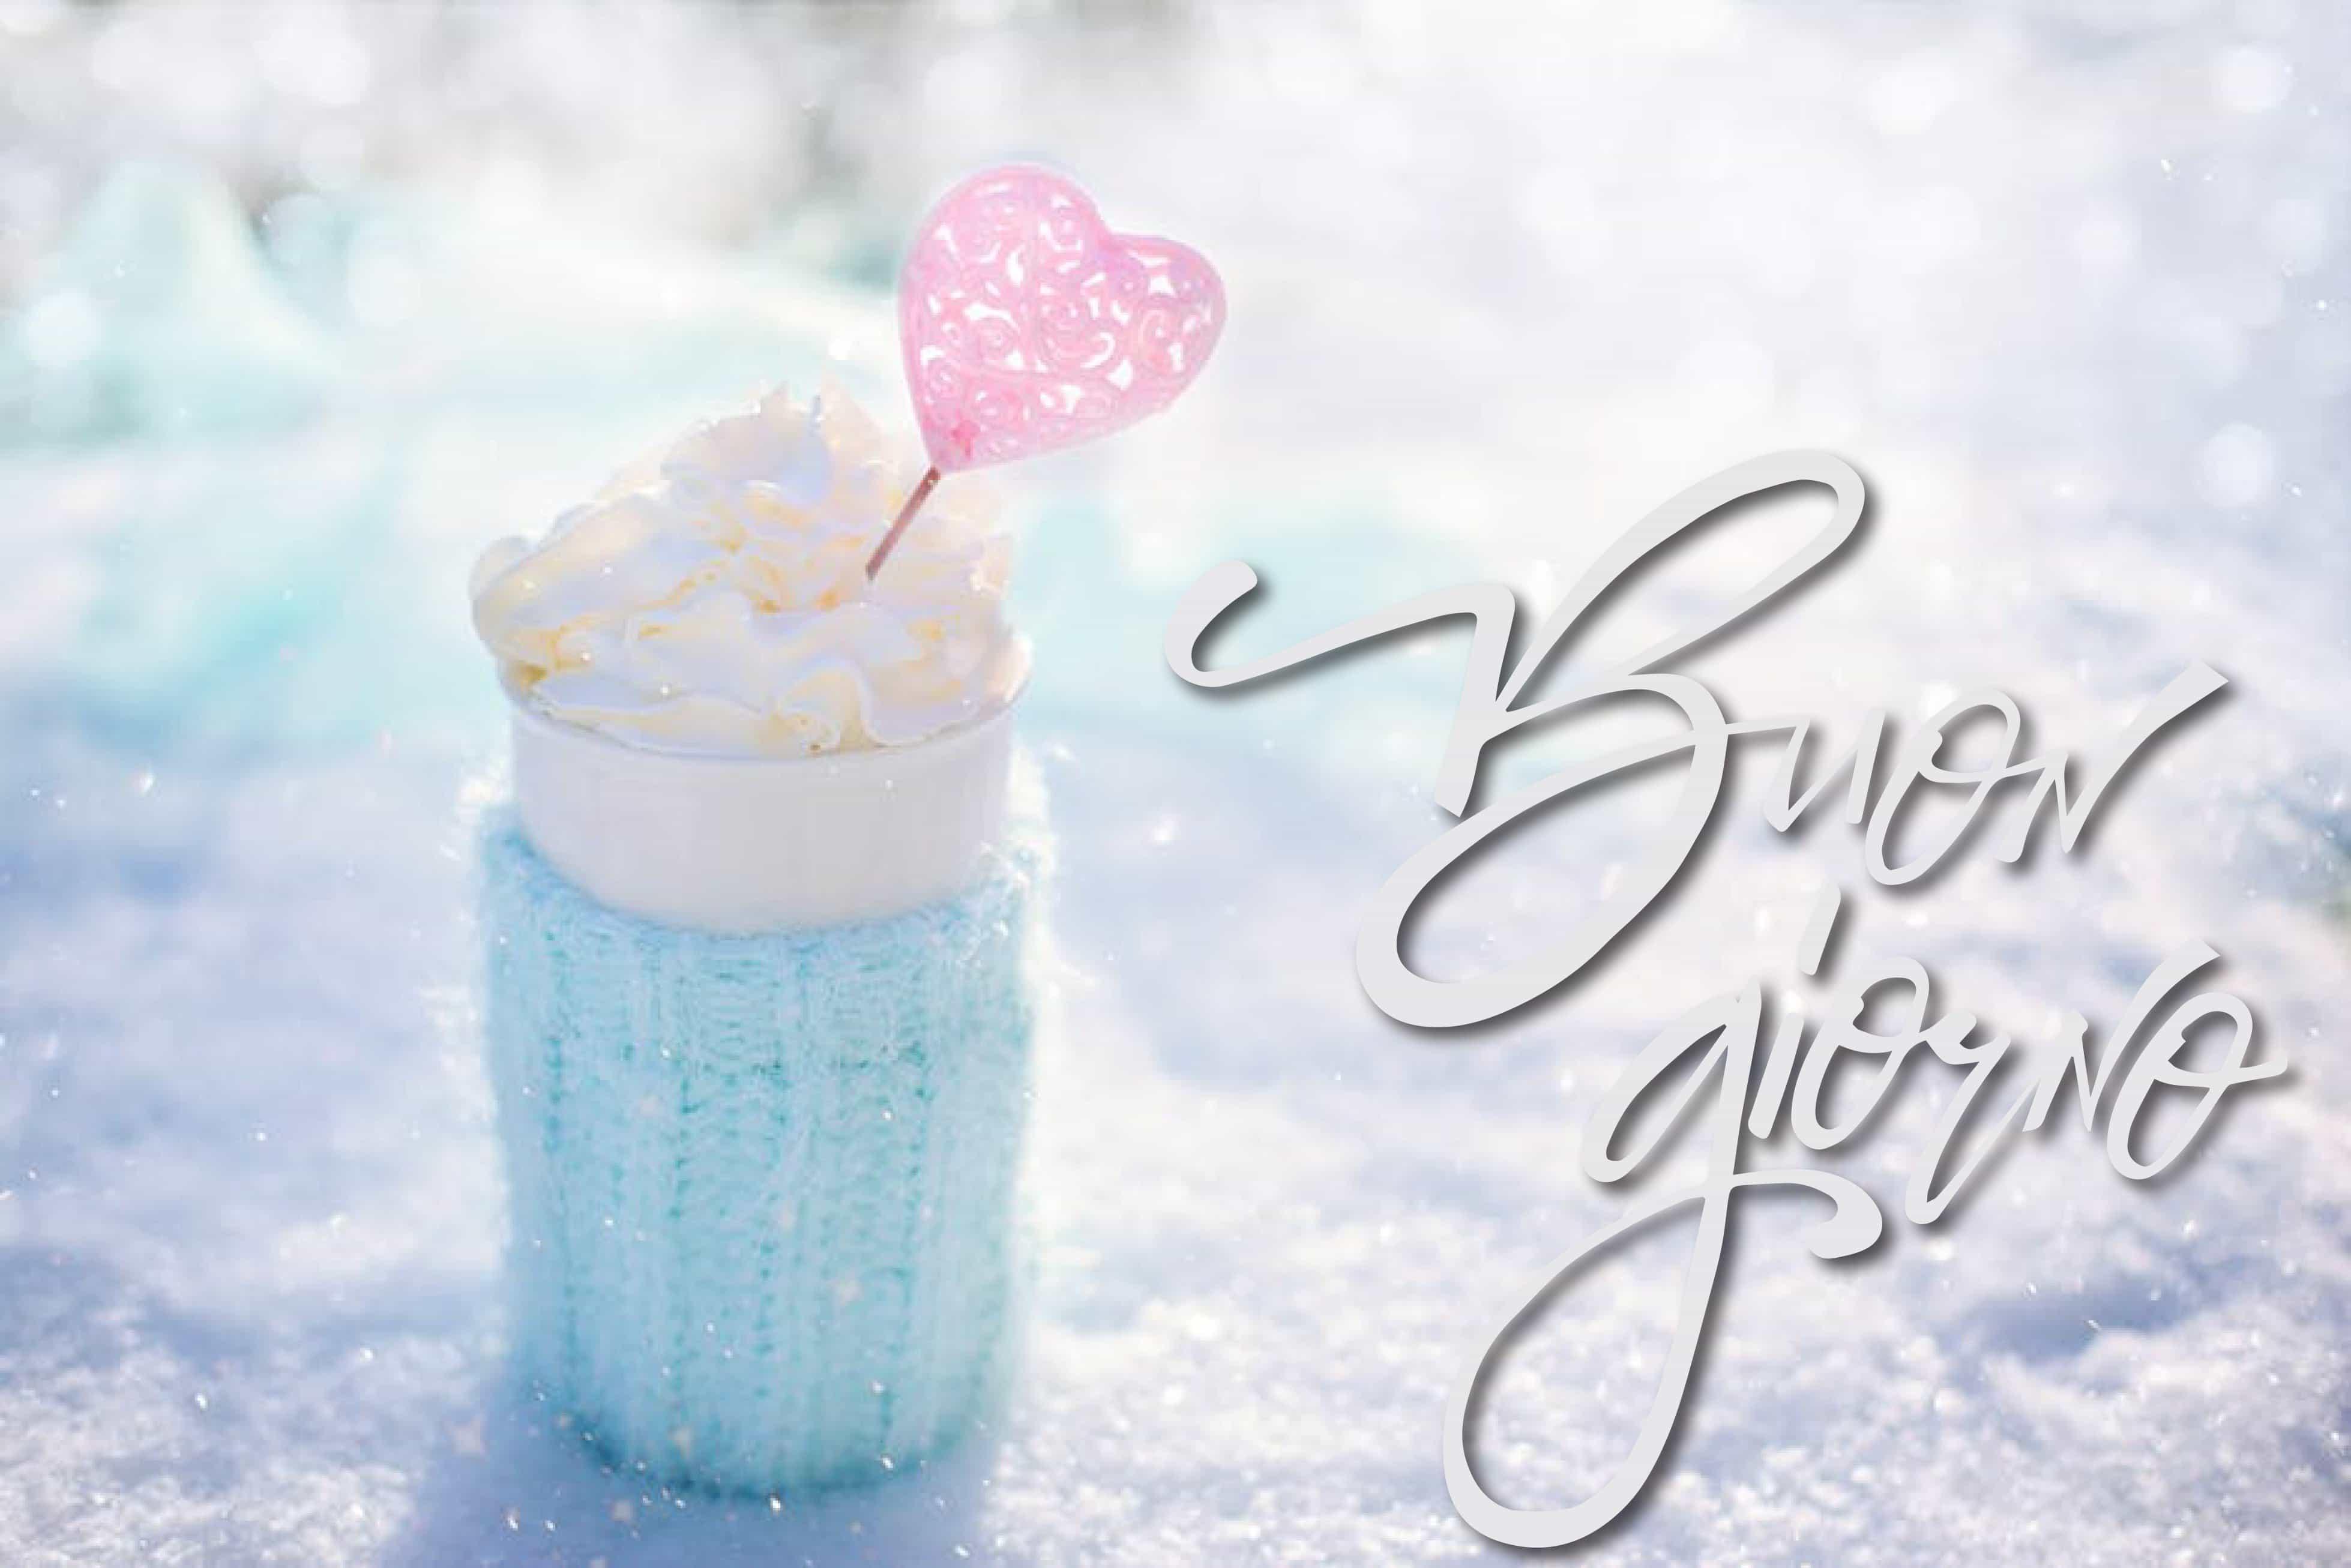 Foto Buongiorno Con La Neve.Immagini Di Buongiorno Con La Neve Condividi Buongiorno Immagini Nuove Con La Neve Y Letters Com